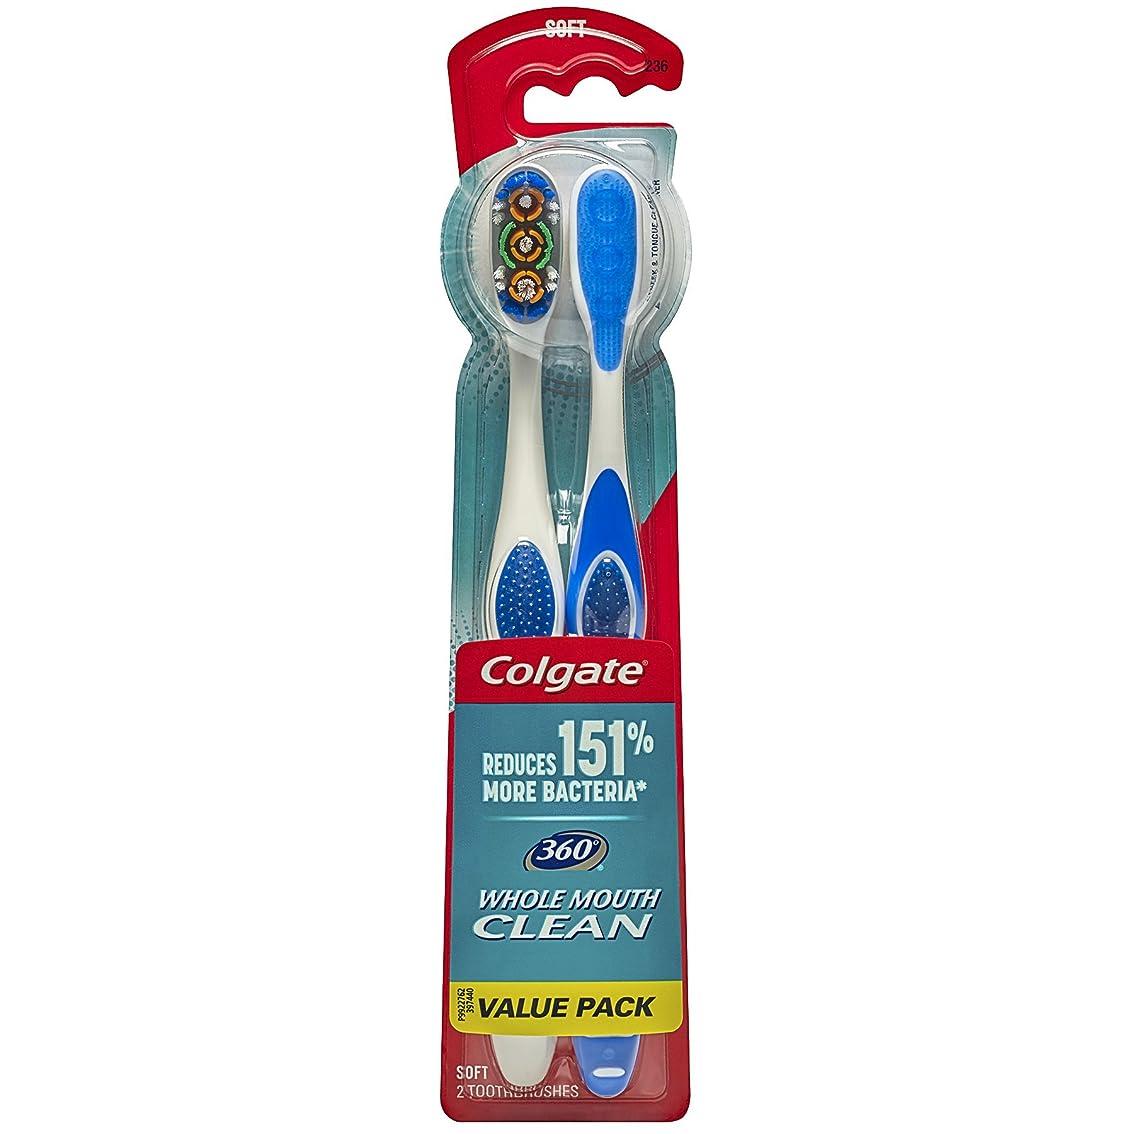 手錠ダウンタウン流Colgate 360大人の完全な頭部柔らかい歯ブラシ、ツインパック